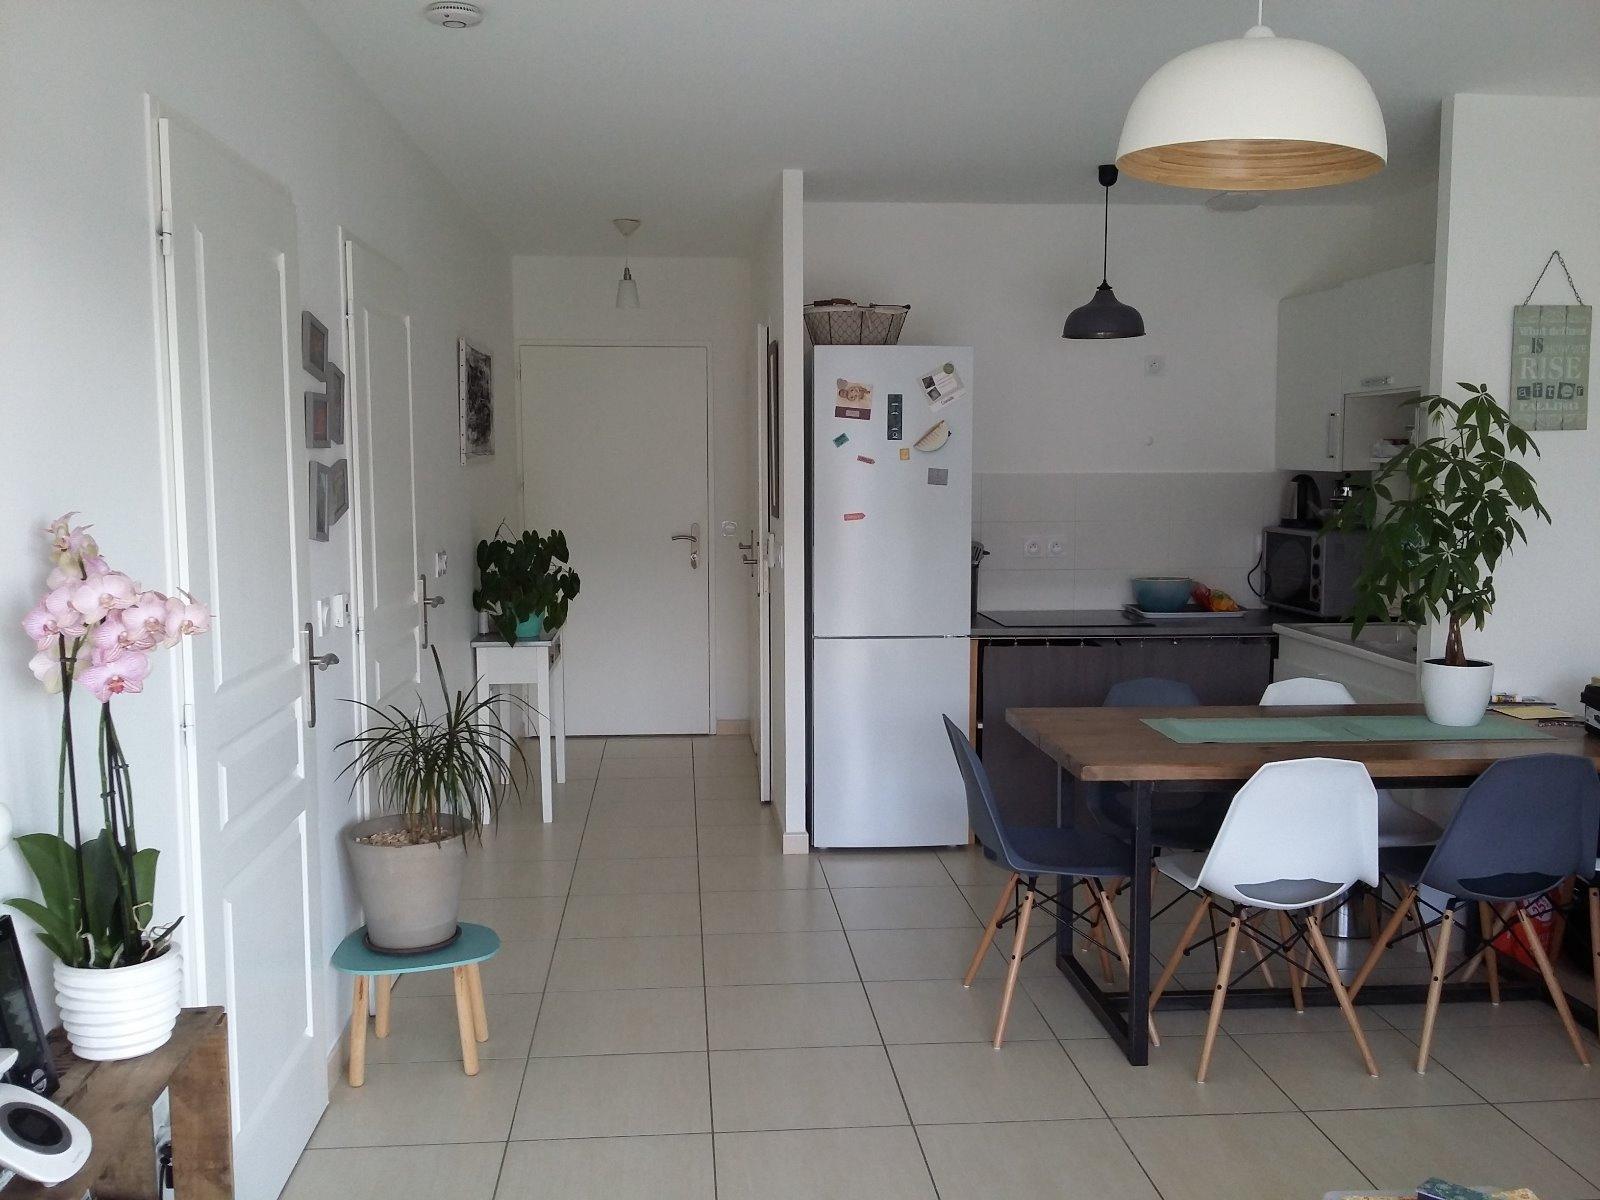 Location appartement guilherand granges 07500 sur le - Location appartement guilherand granges ...